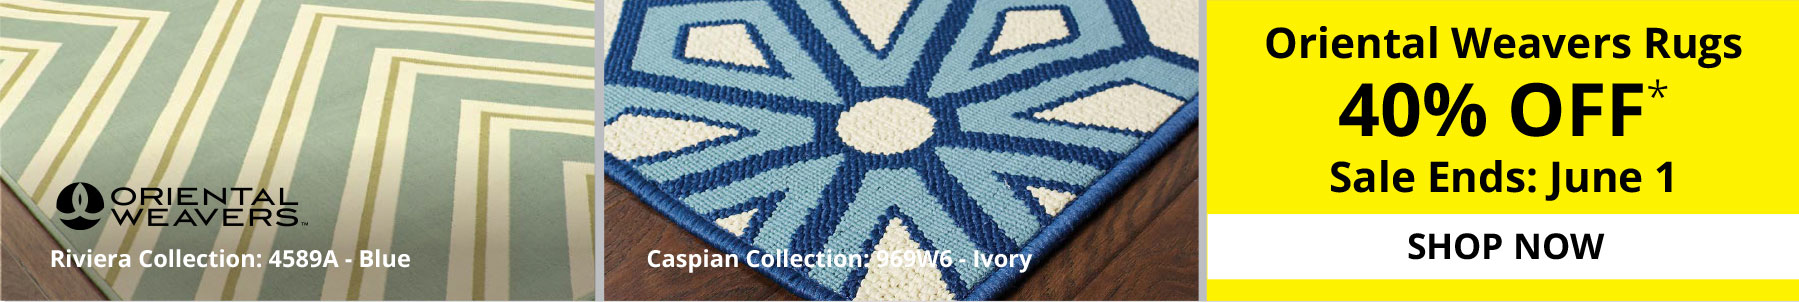 Oriental Weavers Rug Sale